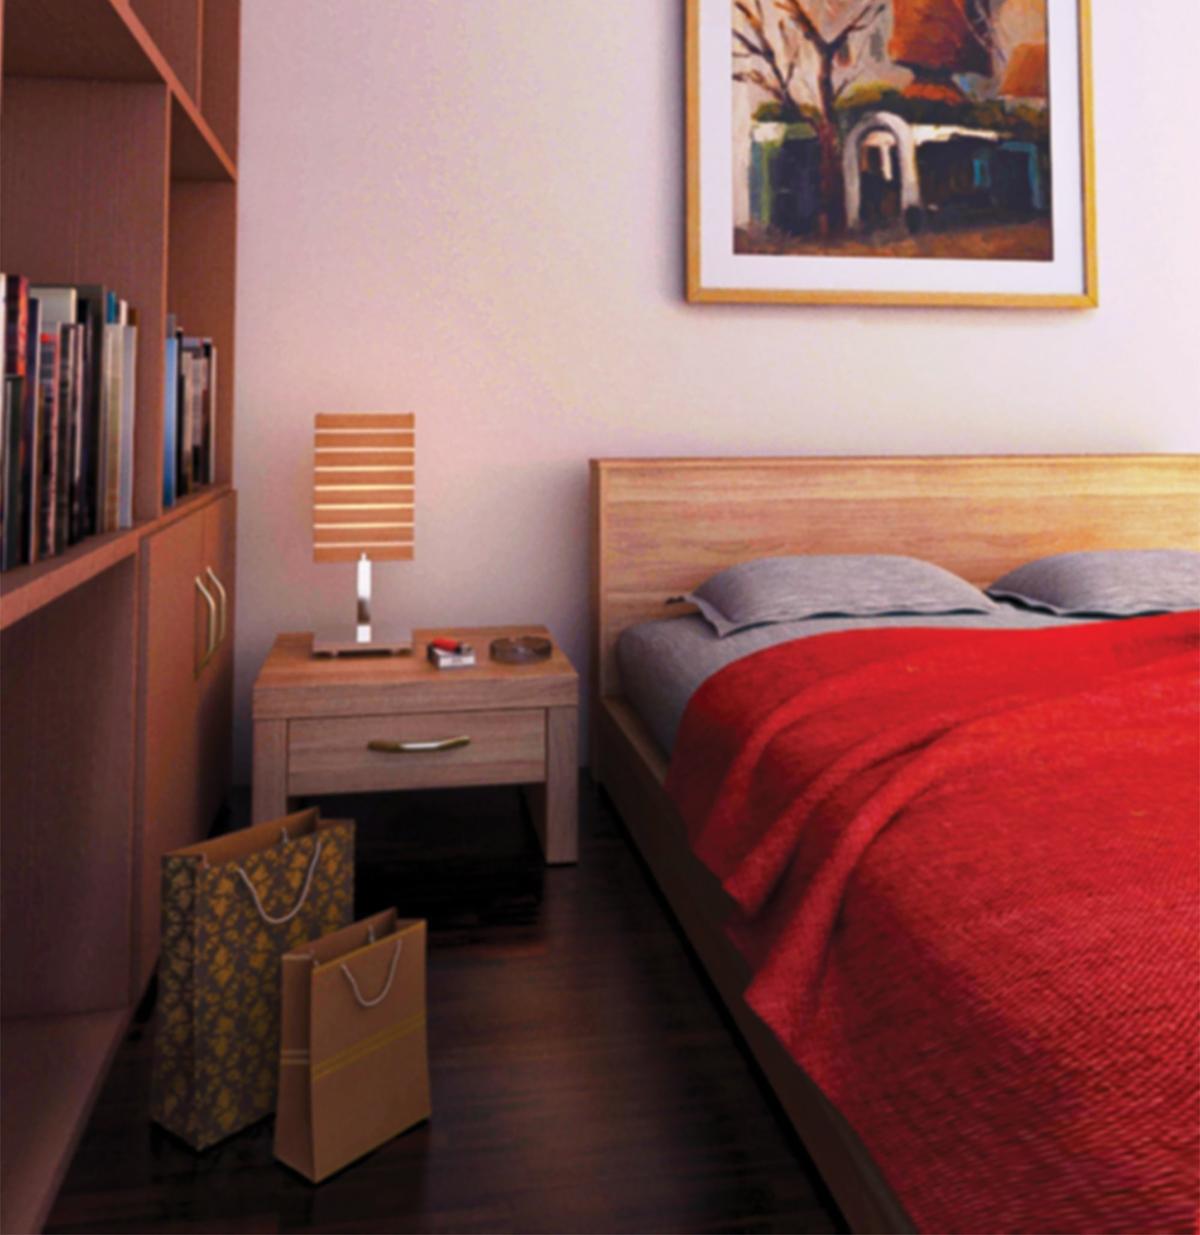 茶色の木目家具と赤のベッドリネンを組み合わせた寝室